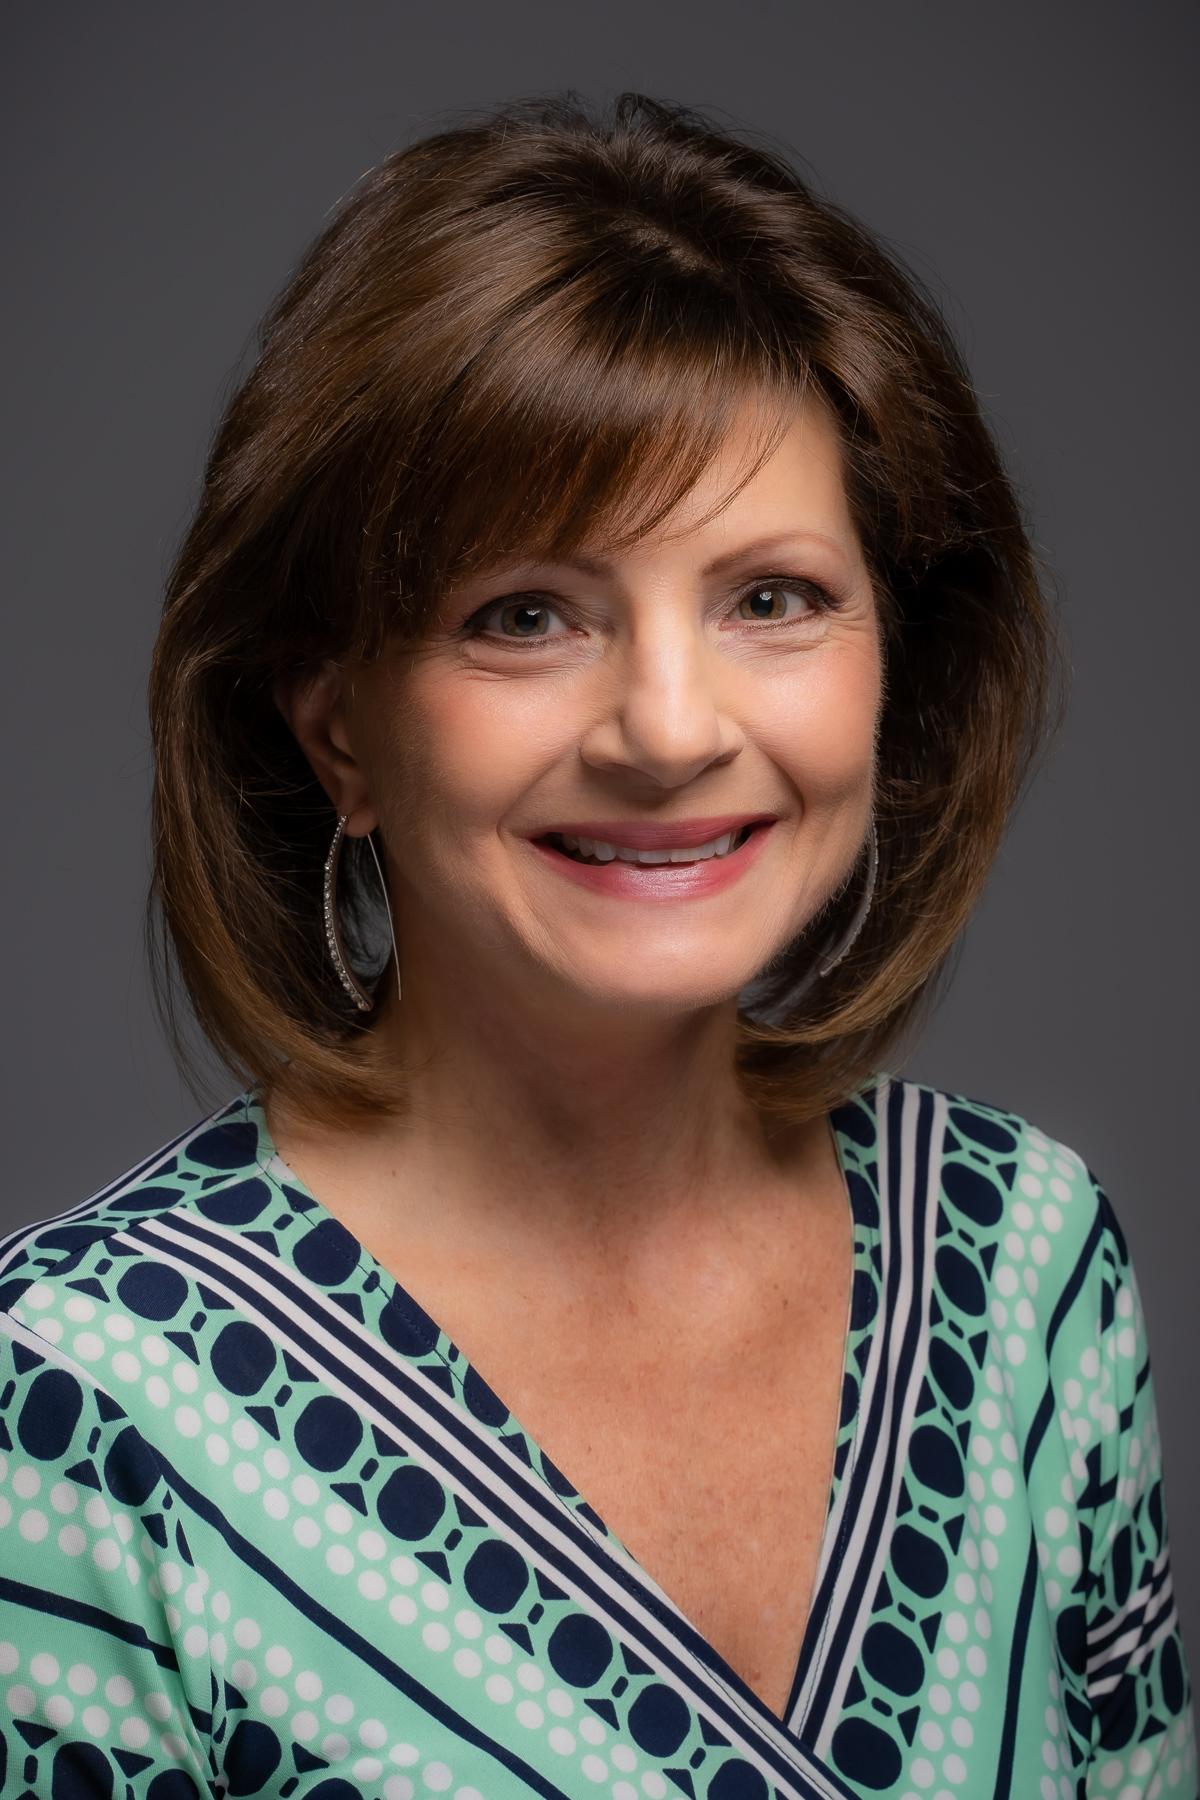 Susan Papiri